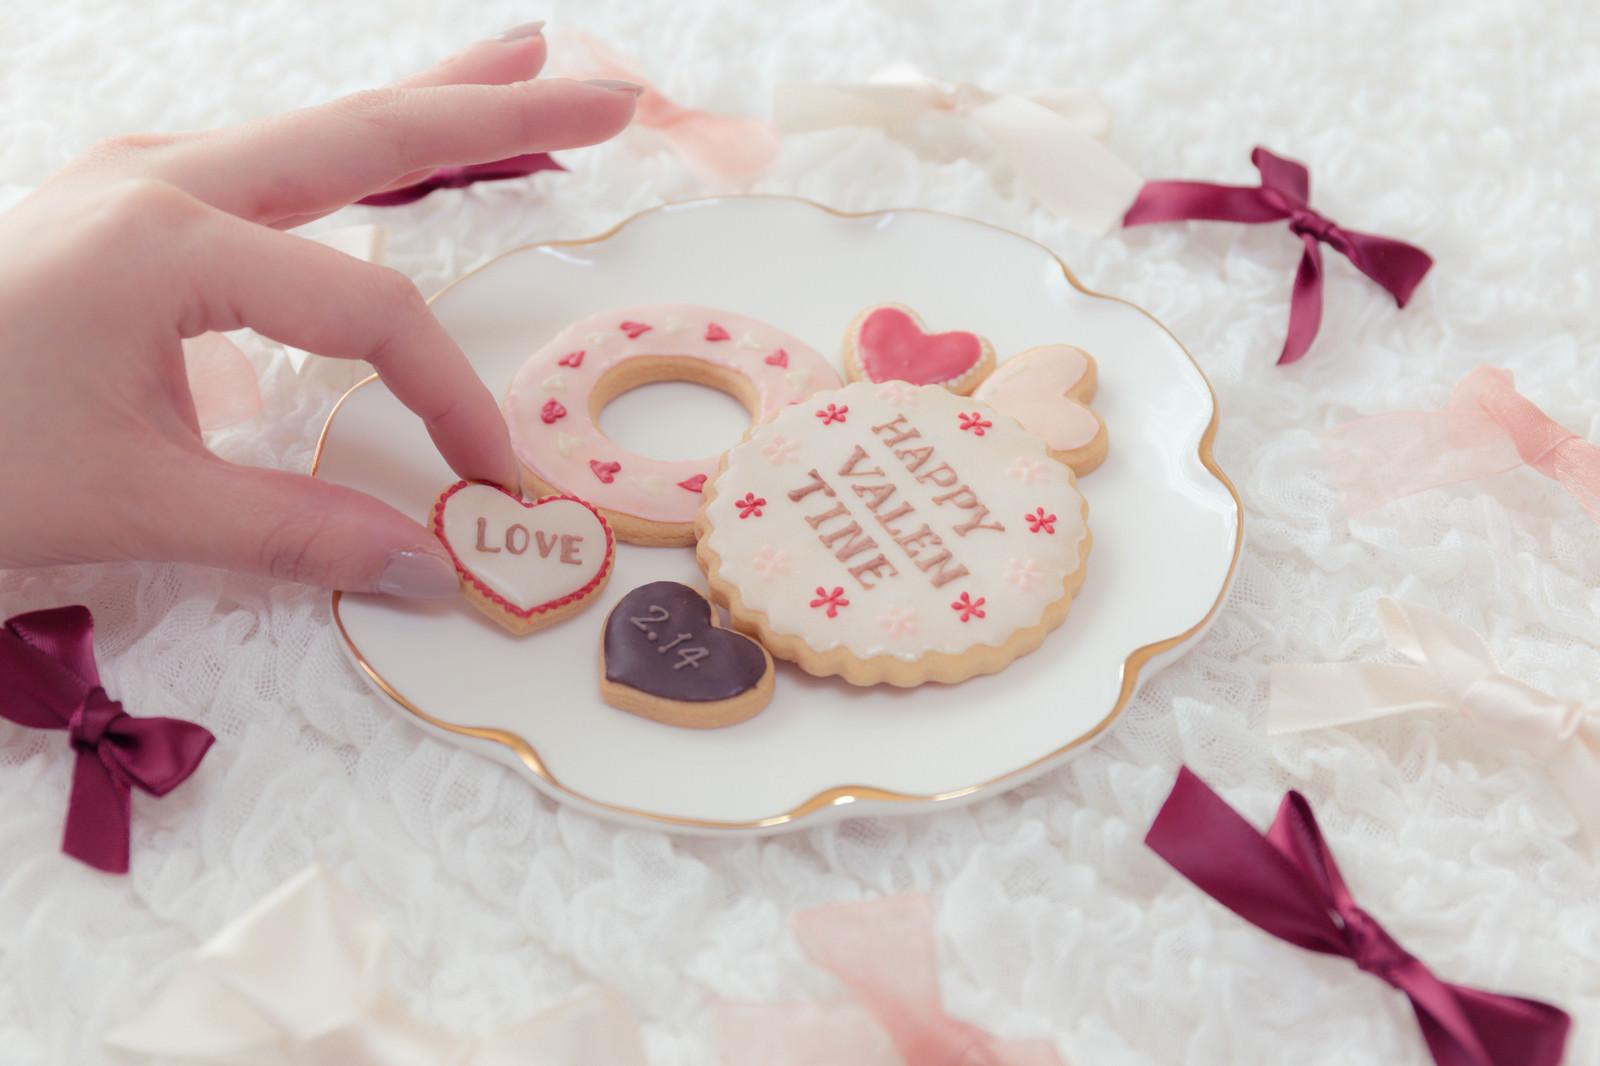 「バレンタイン「LOVE」クッキー」の写真